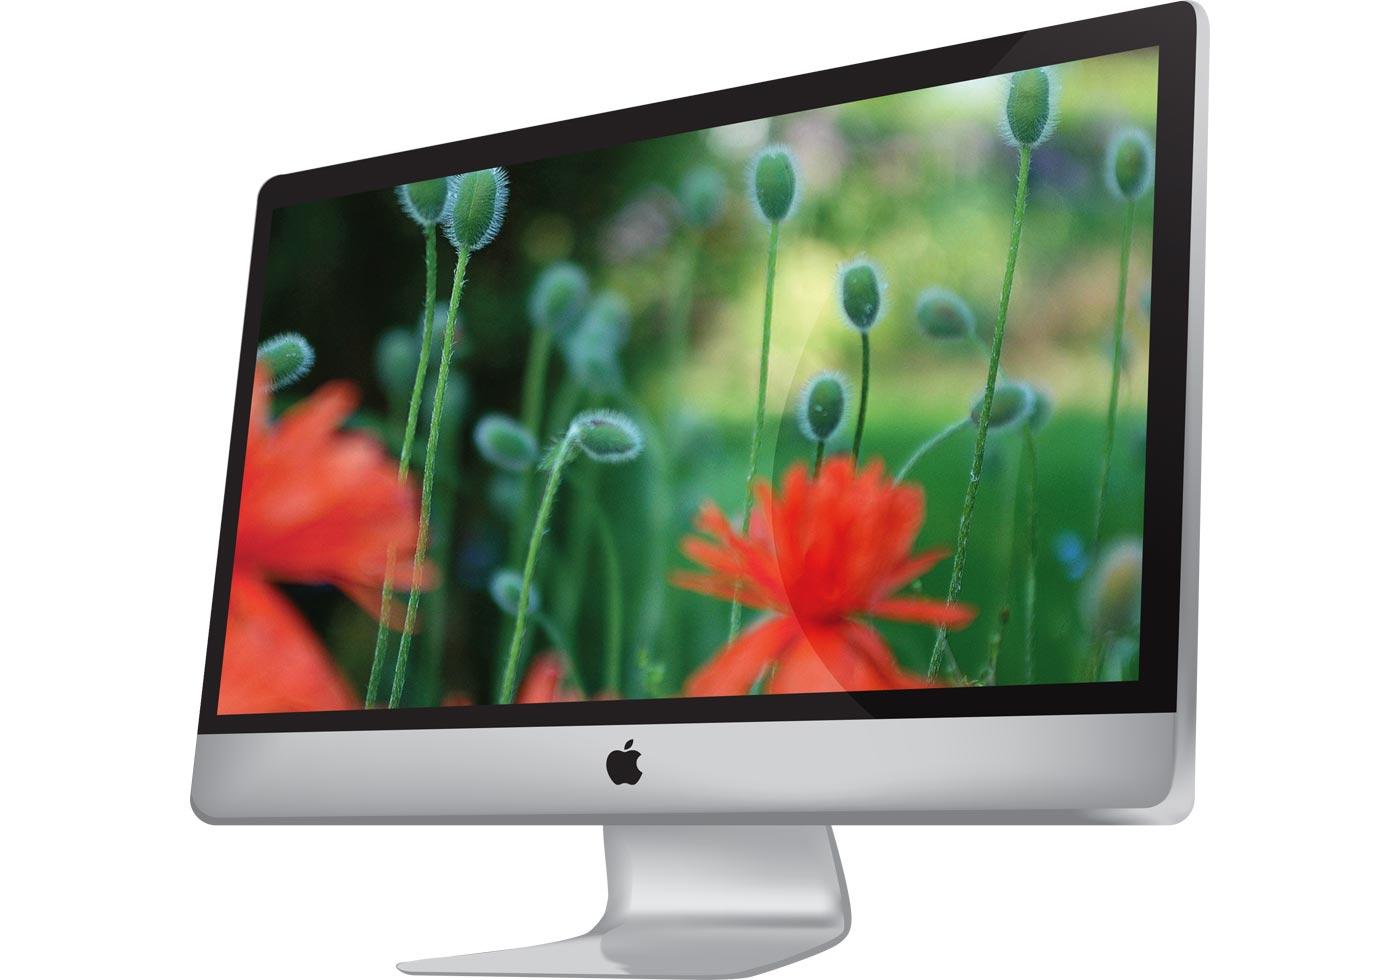 iMac Vector - Download Free Vector Art, Stock Graphics ...